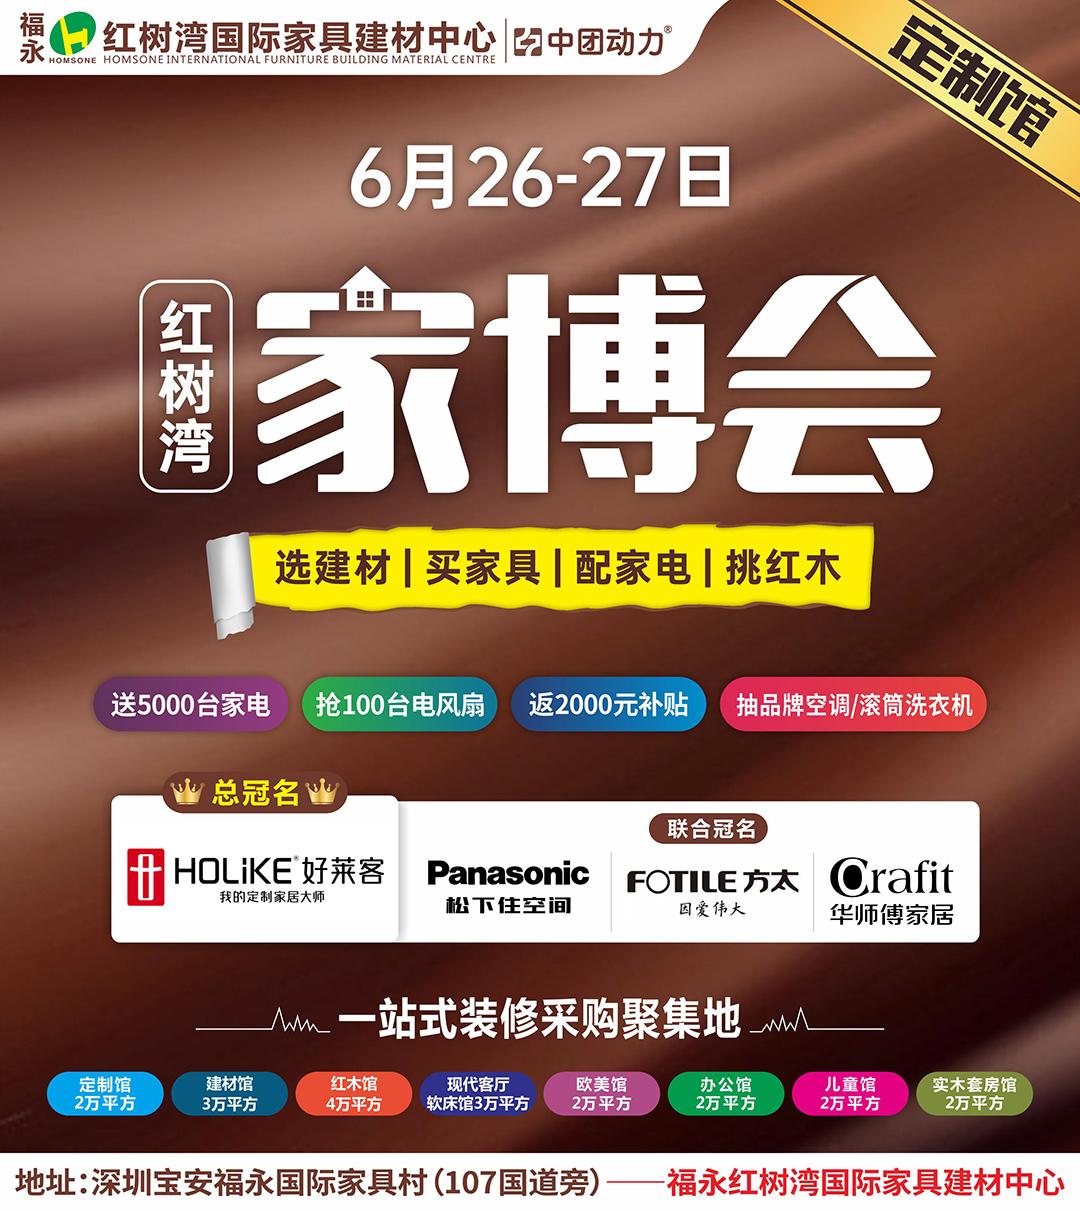 【定制家具】6月26-27日 福永红树湾600建材/家具/定制家具大让利,送5000台品牌家电,返100万现金。